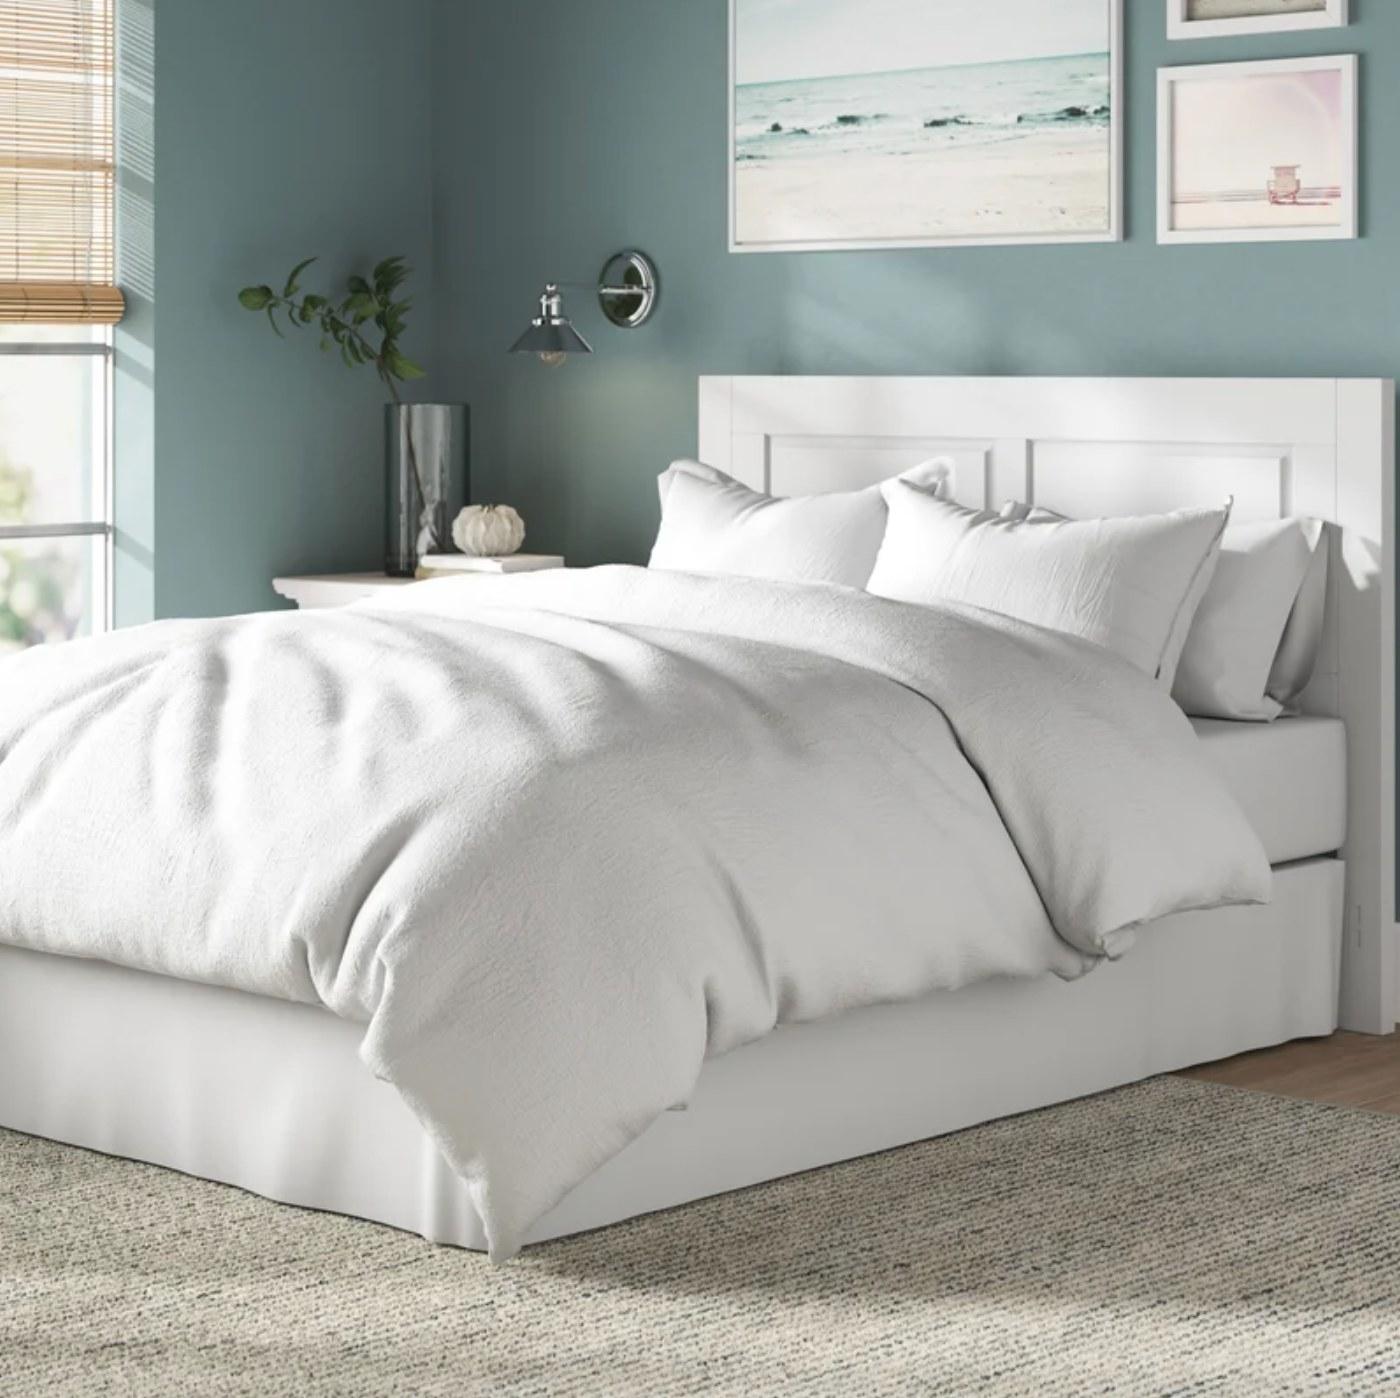 The comforter set in farmhouse white